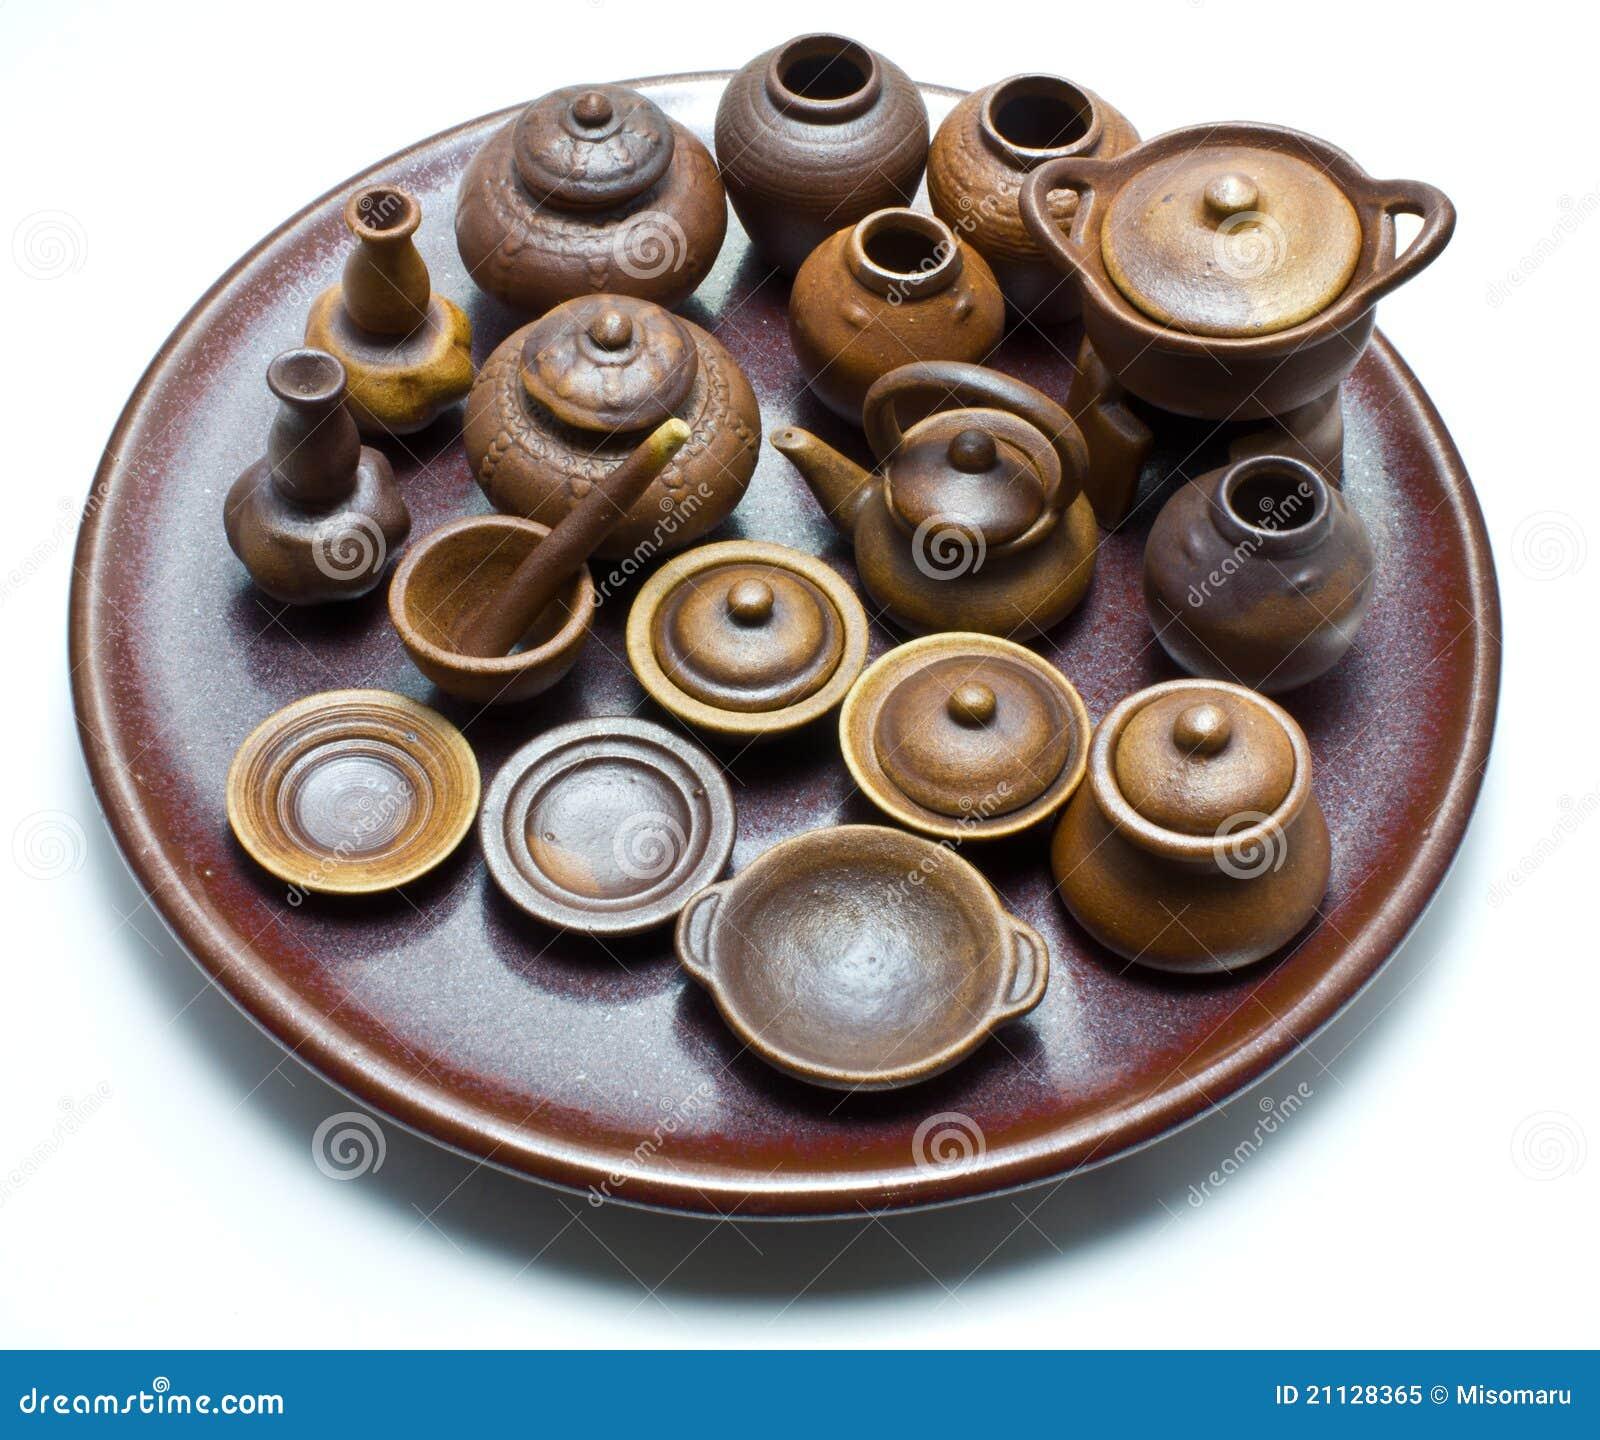 Mini Handmade Thai Ceramic Clay Pot Royalty Free Stock